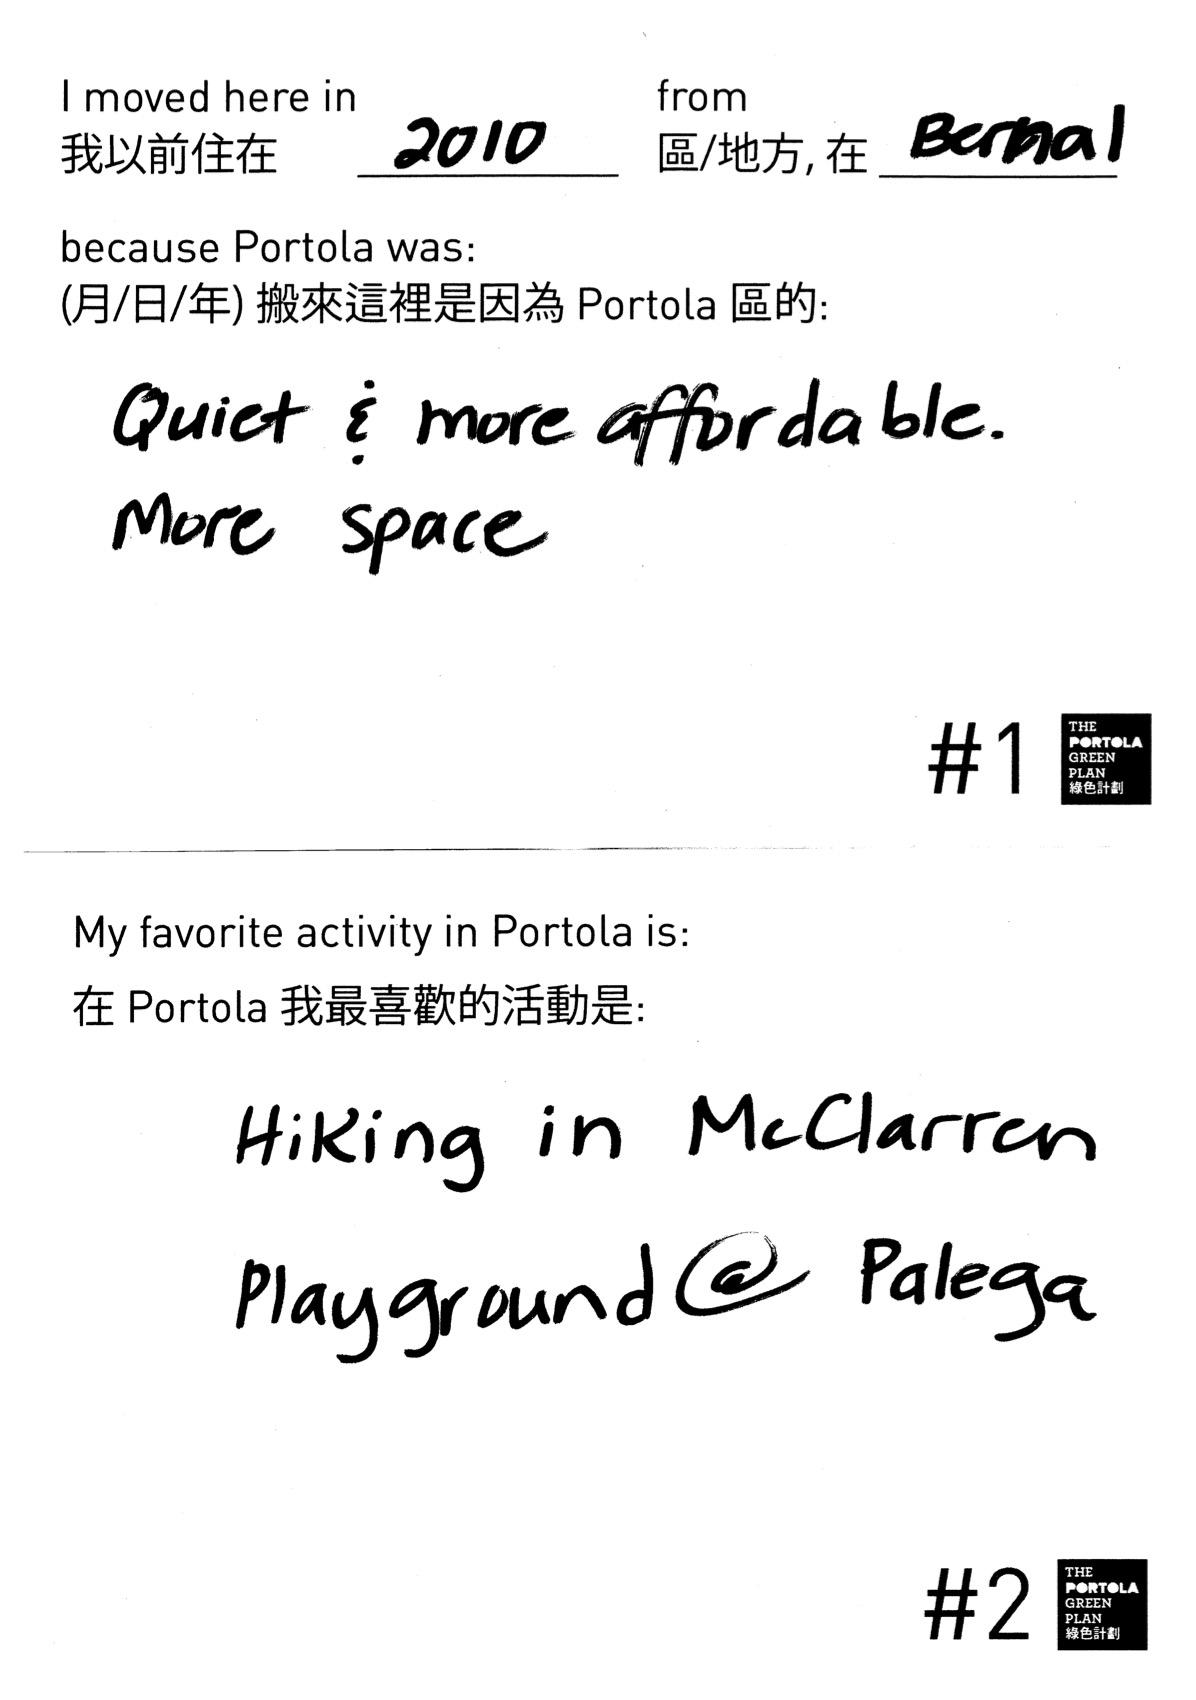 PugPostcards-25.jpeg